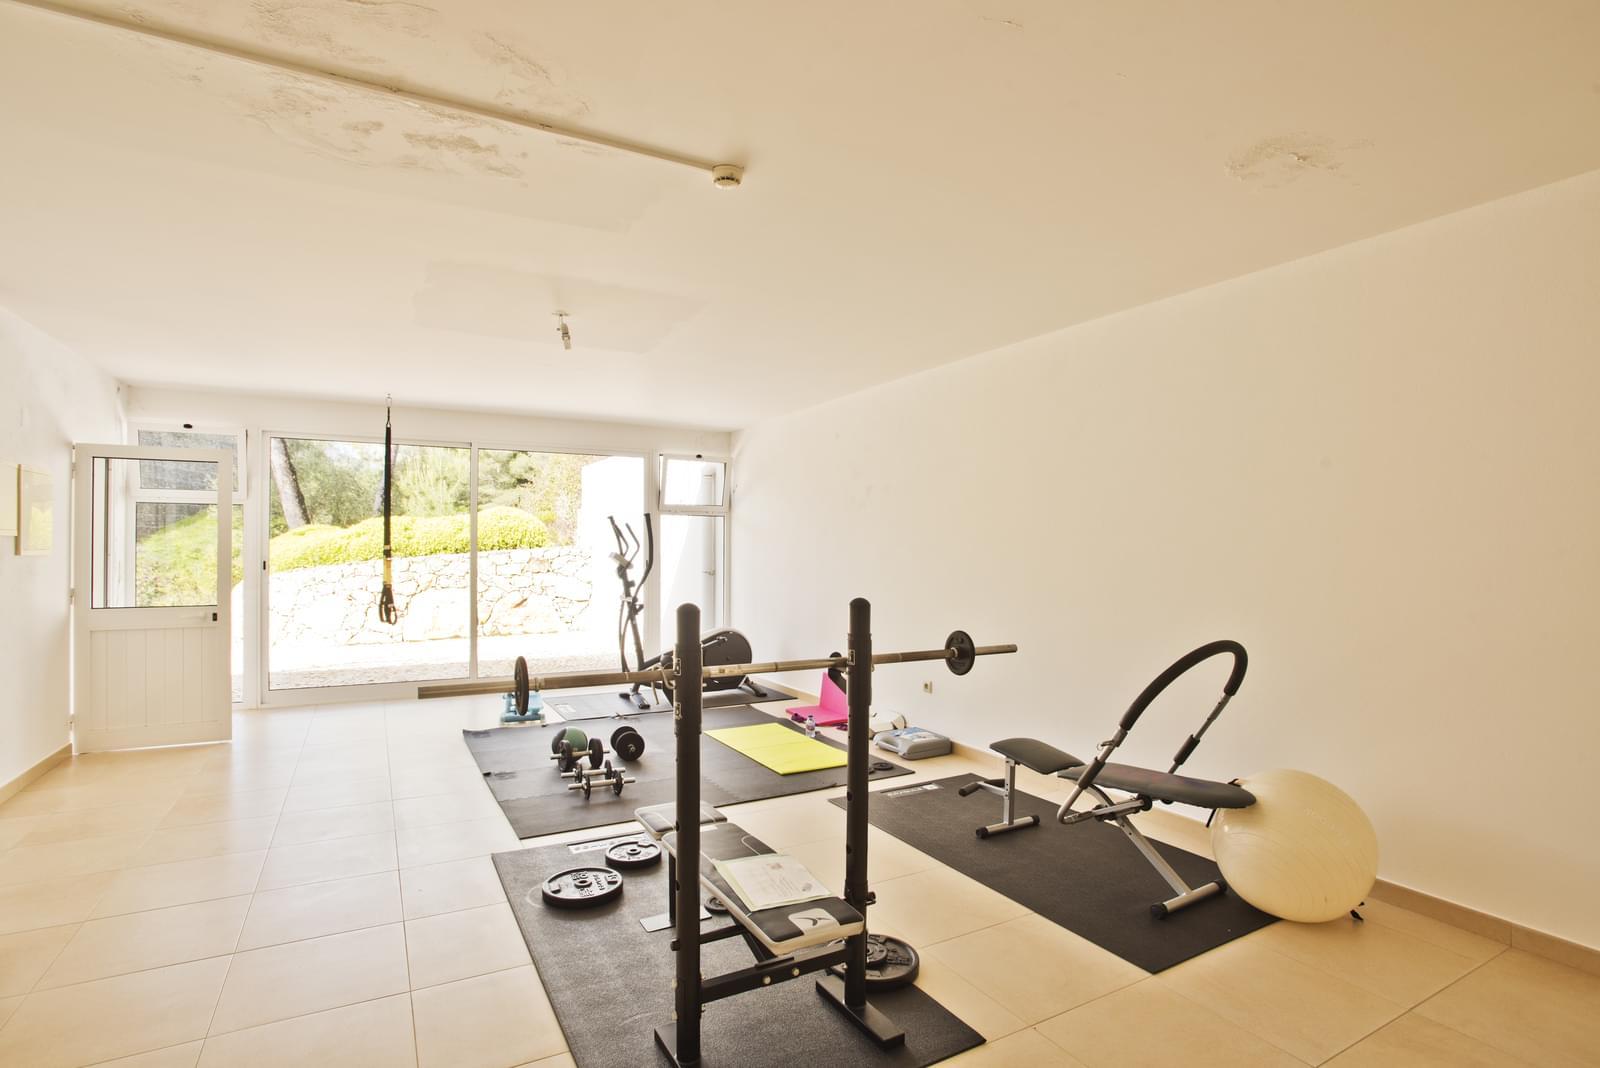 pf16902-apartamento-t3-cascais-0f9b2b79-29d5-4892-8c34-c0d60ec52c4b